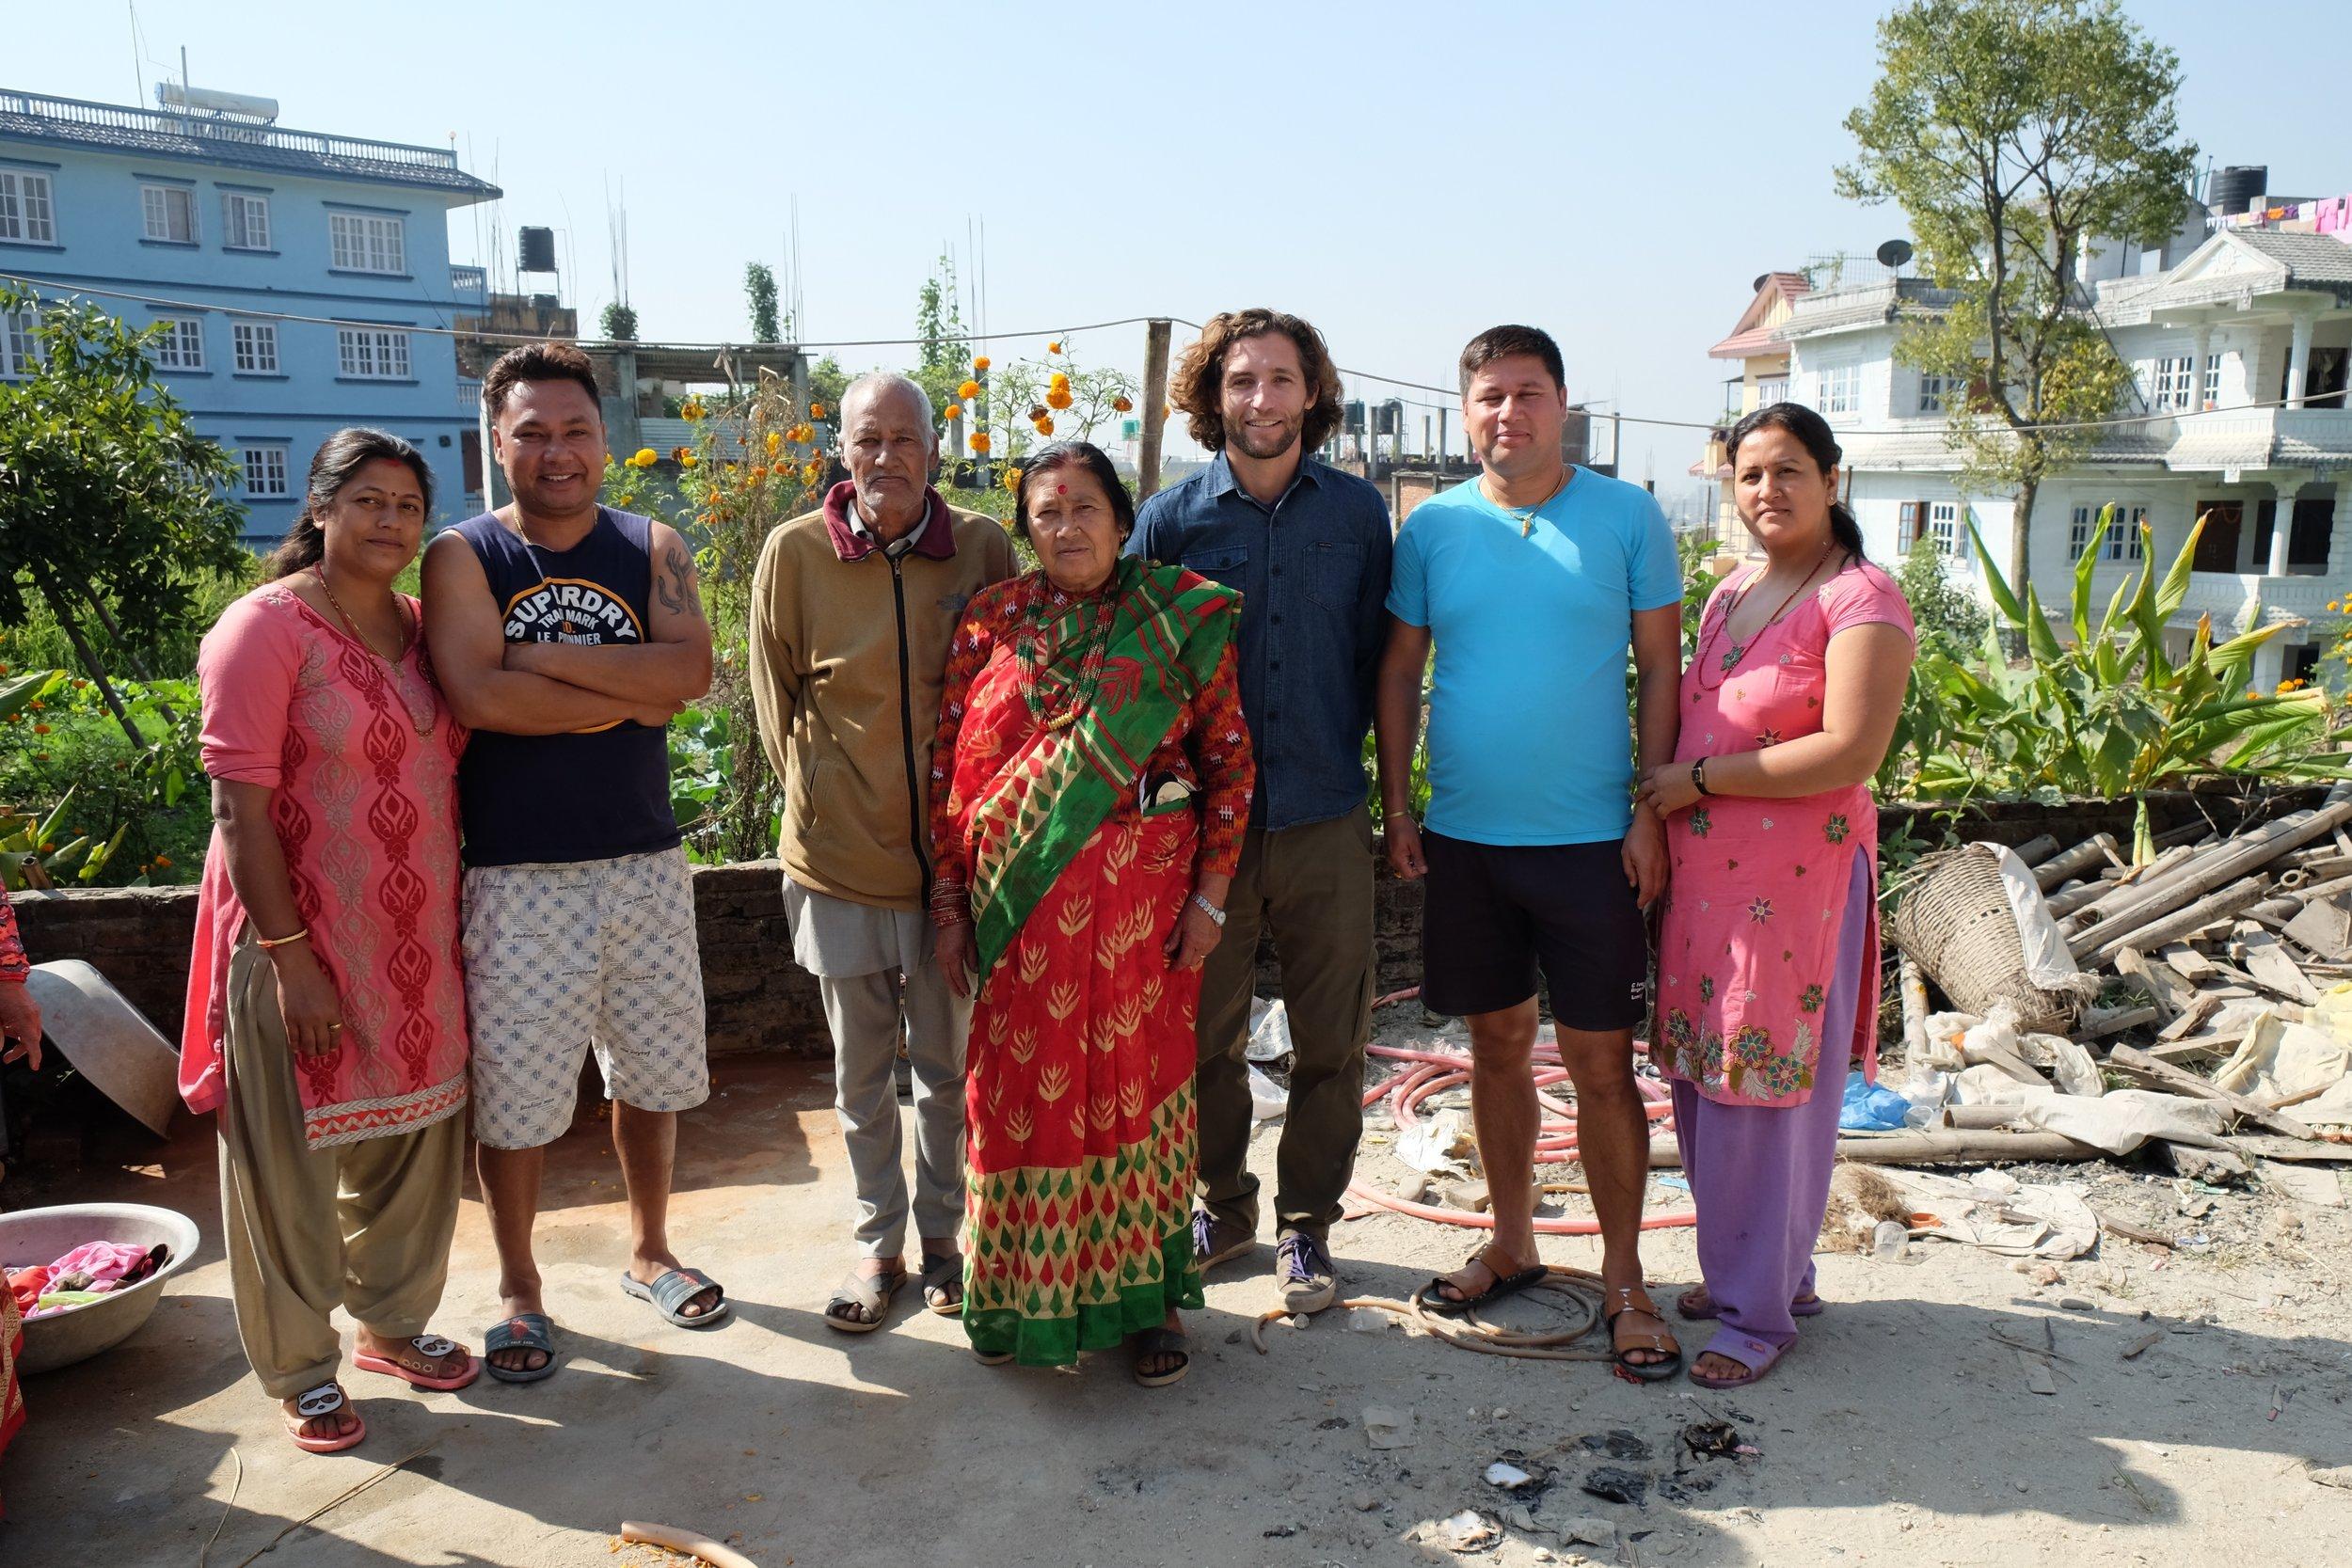 Usha, Raghu, Baa, Ama, Kaspar, Abhishek, Nirmala